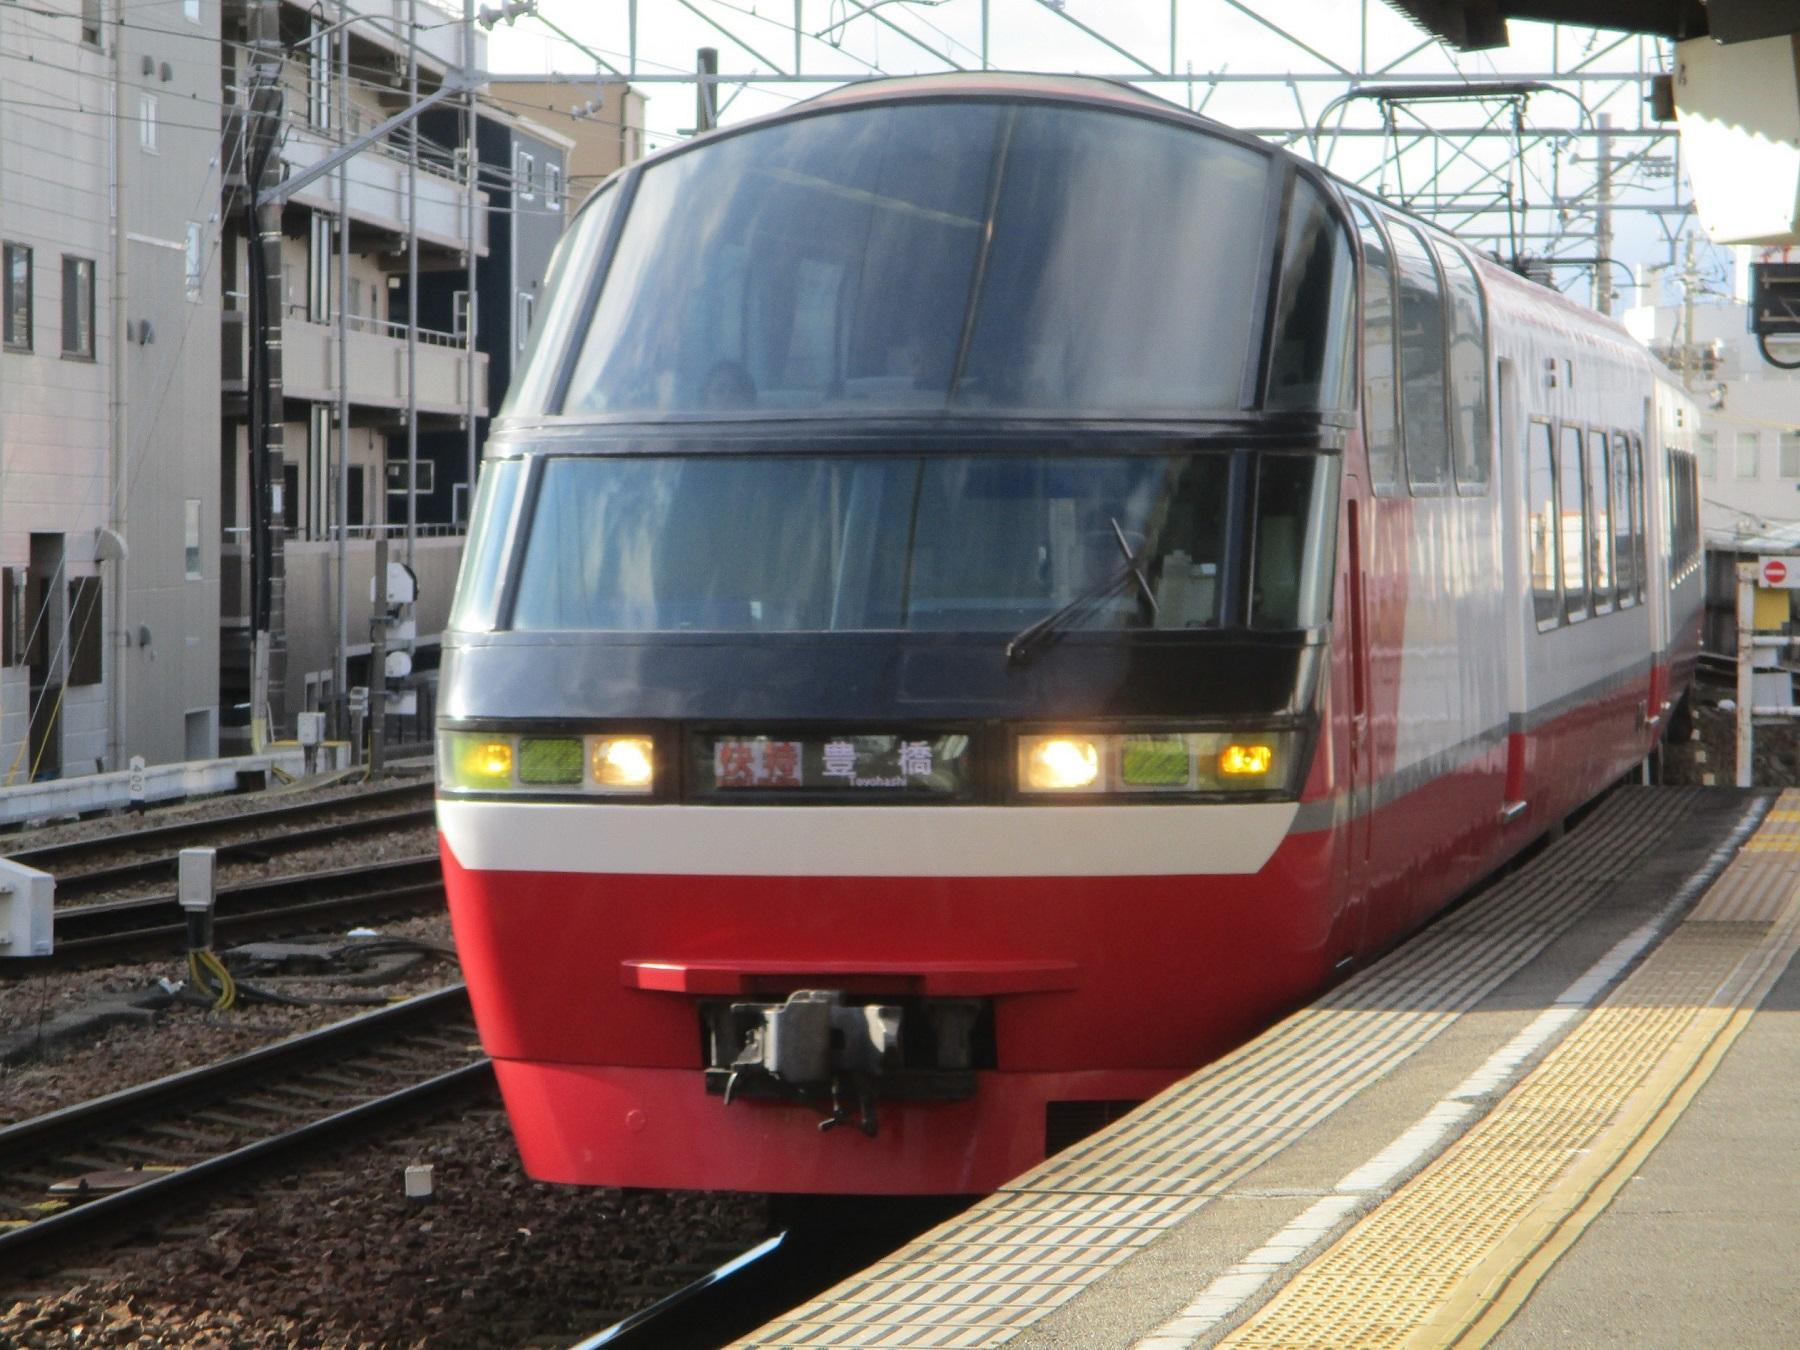 2019.12.31 (16) 東岡崎 - 豊橋いき快速特急 1800-1350